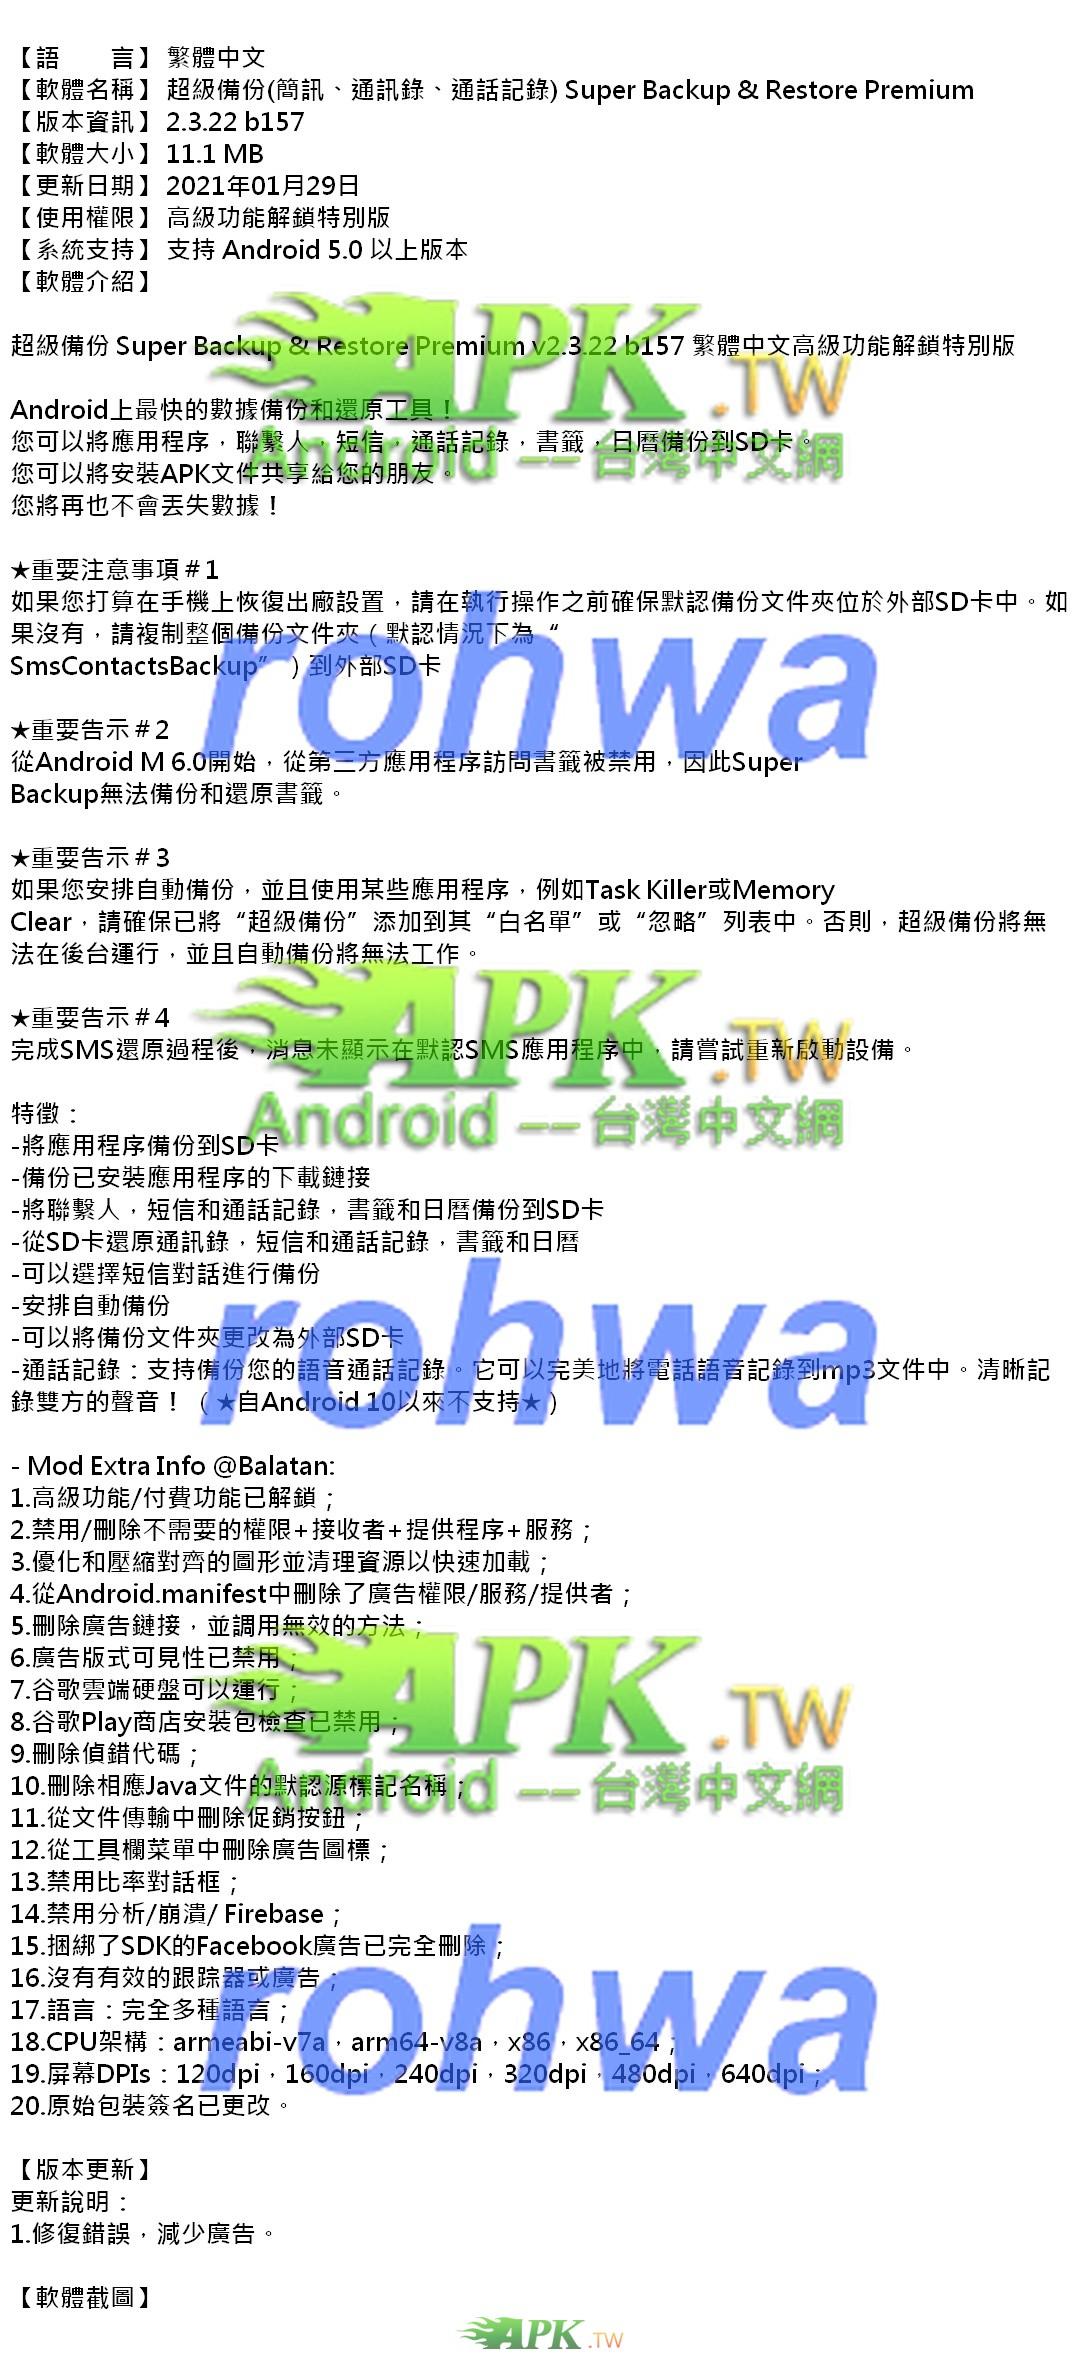 SuperBackup_Premium_2.3.22_.jpg